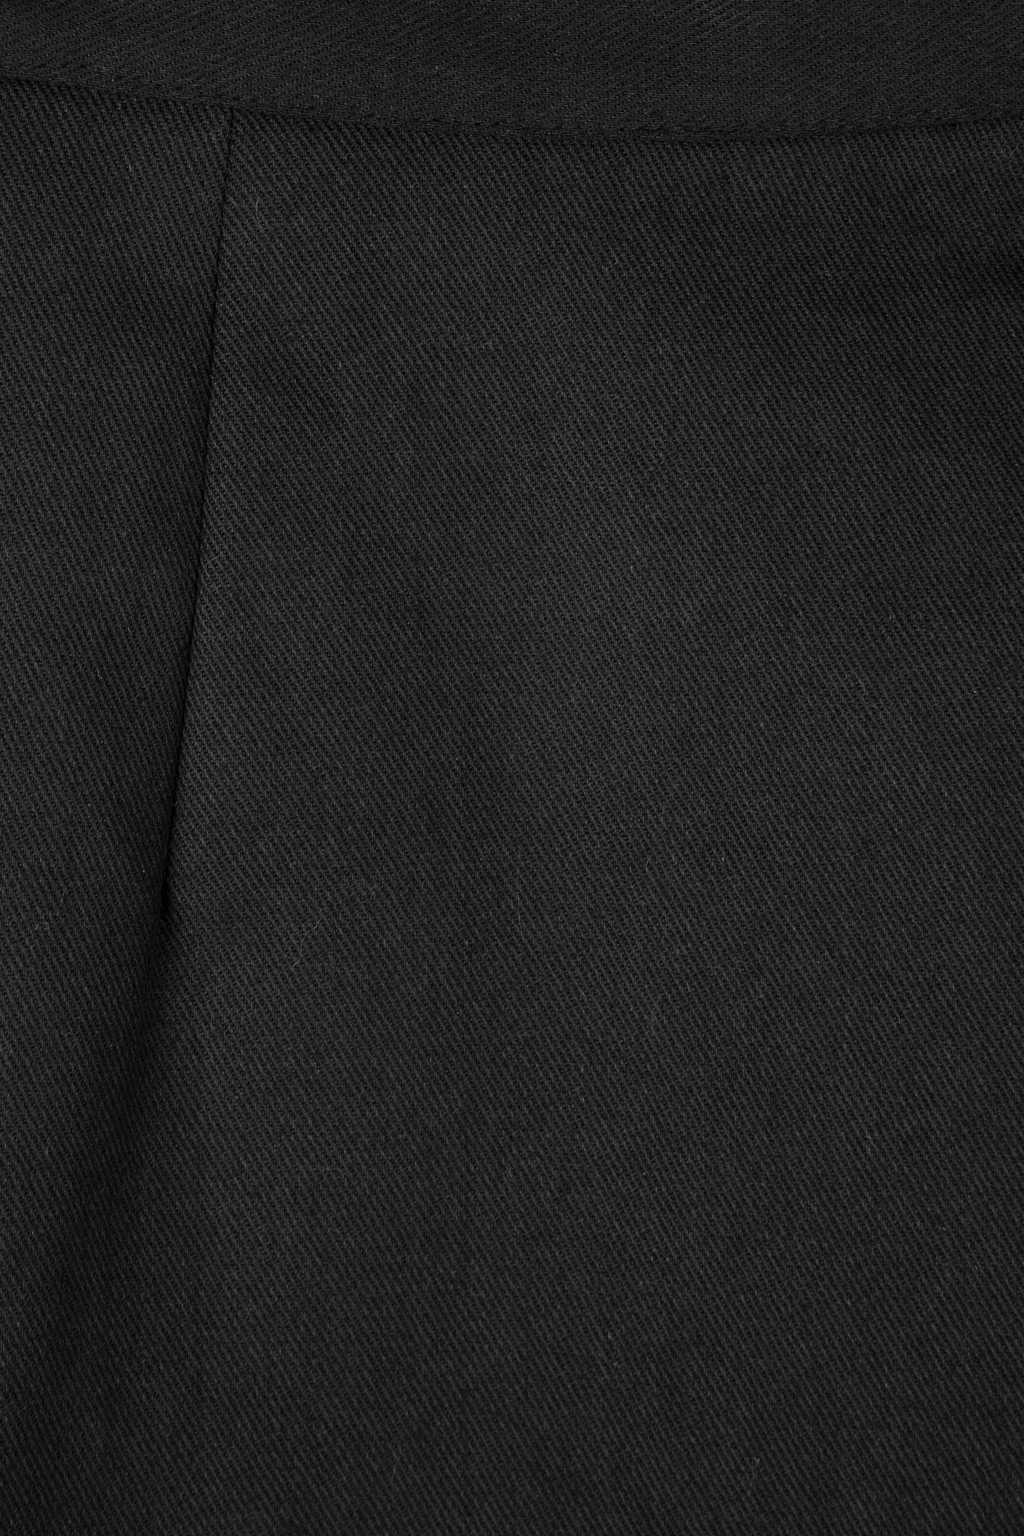 Skirt K023 Black 8